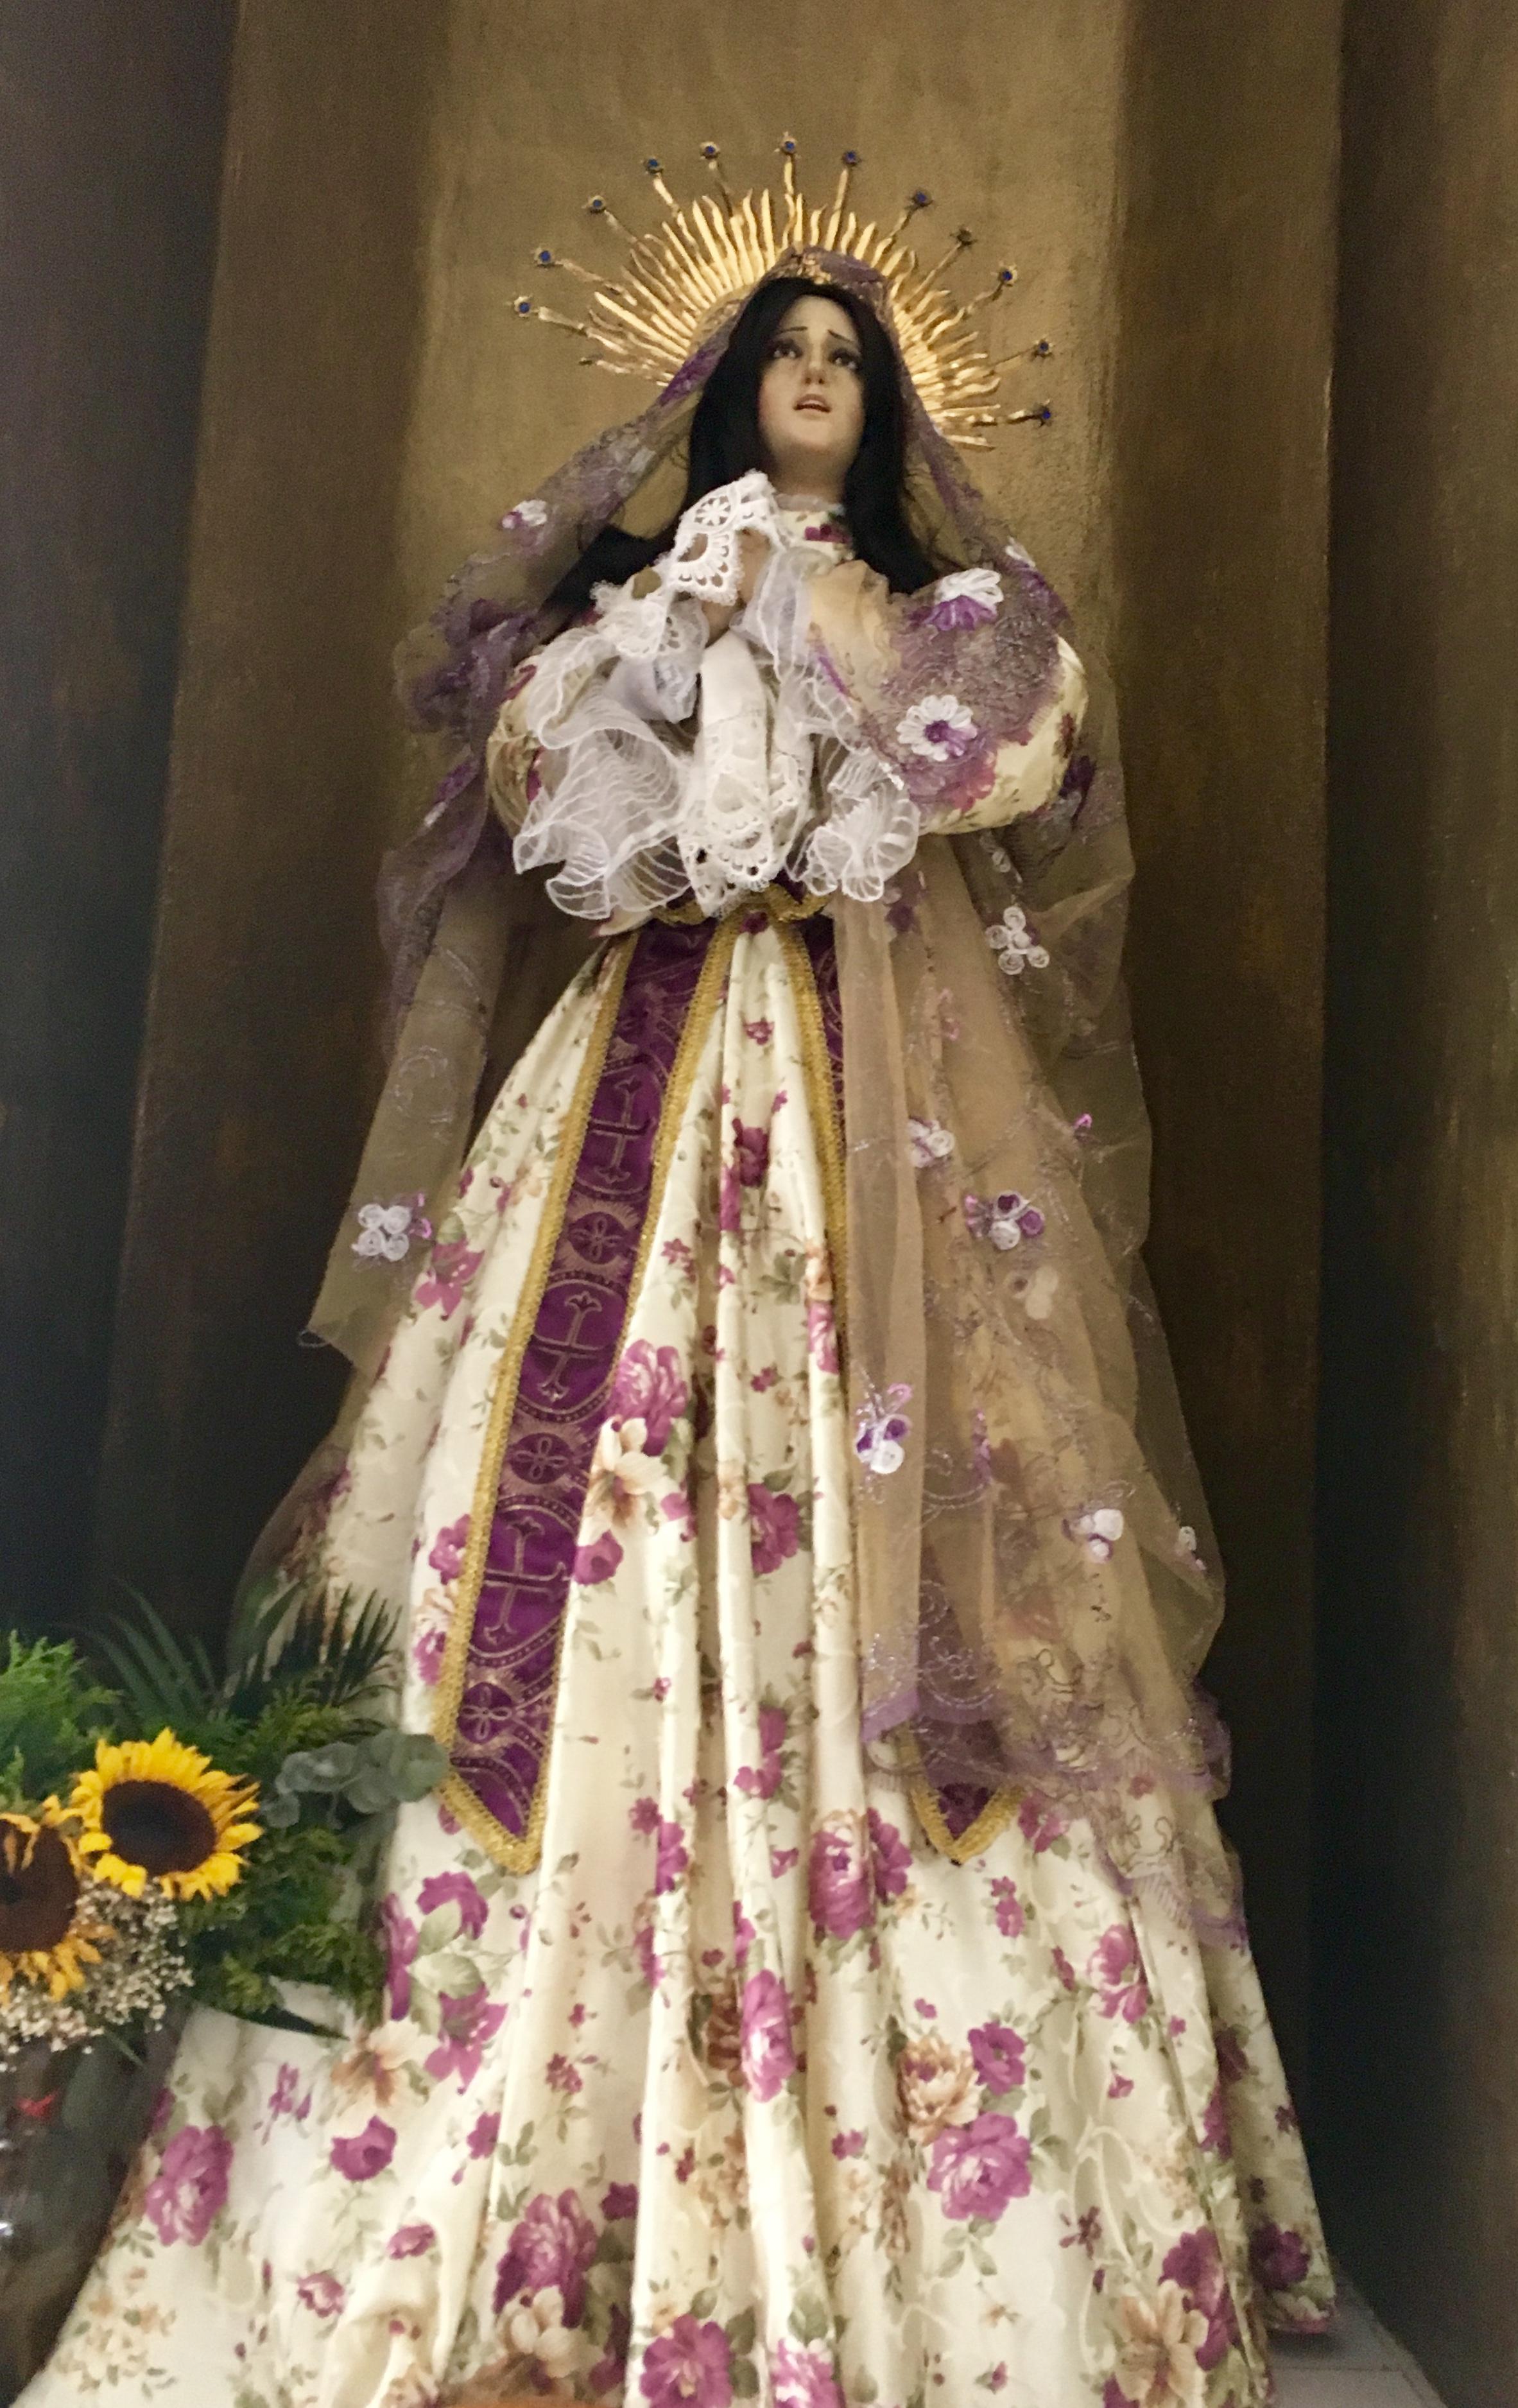 The virgin statues at la Parroquia de Nuestra Señora del Carmen.